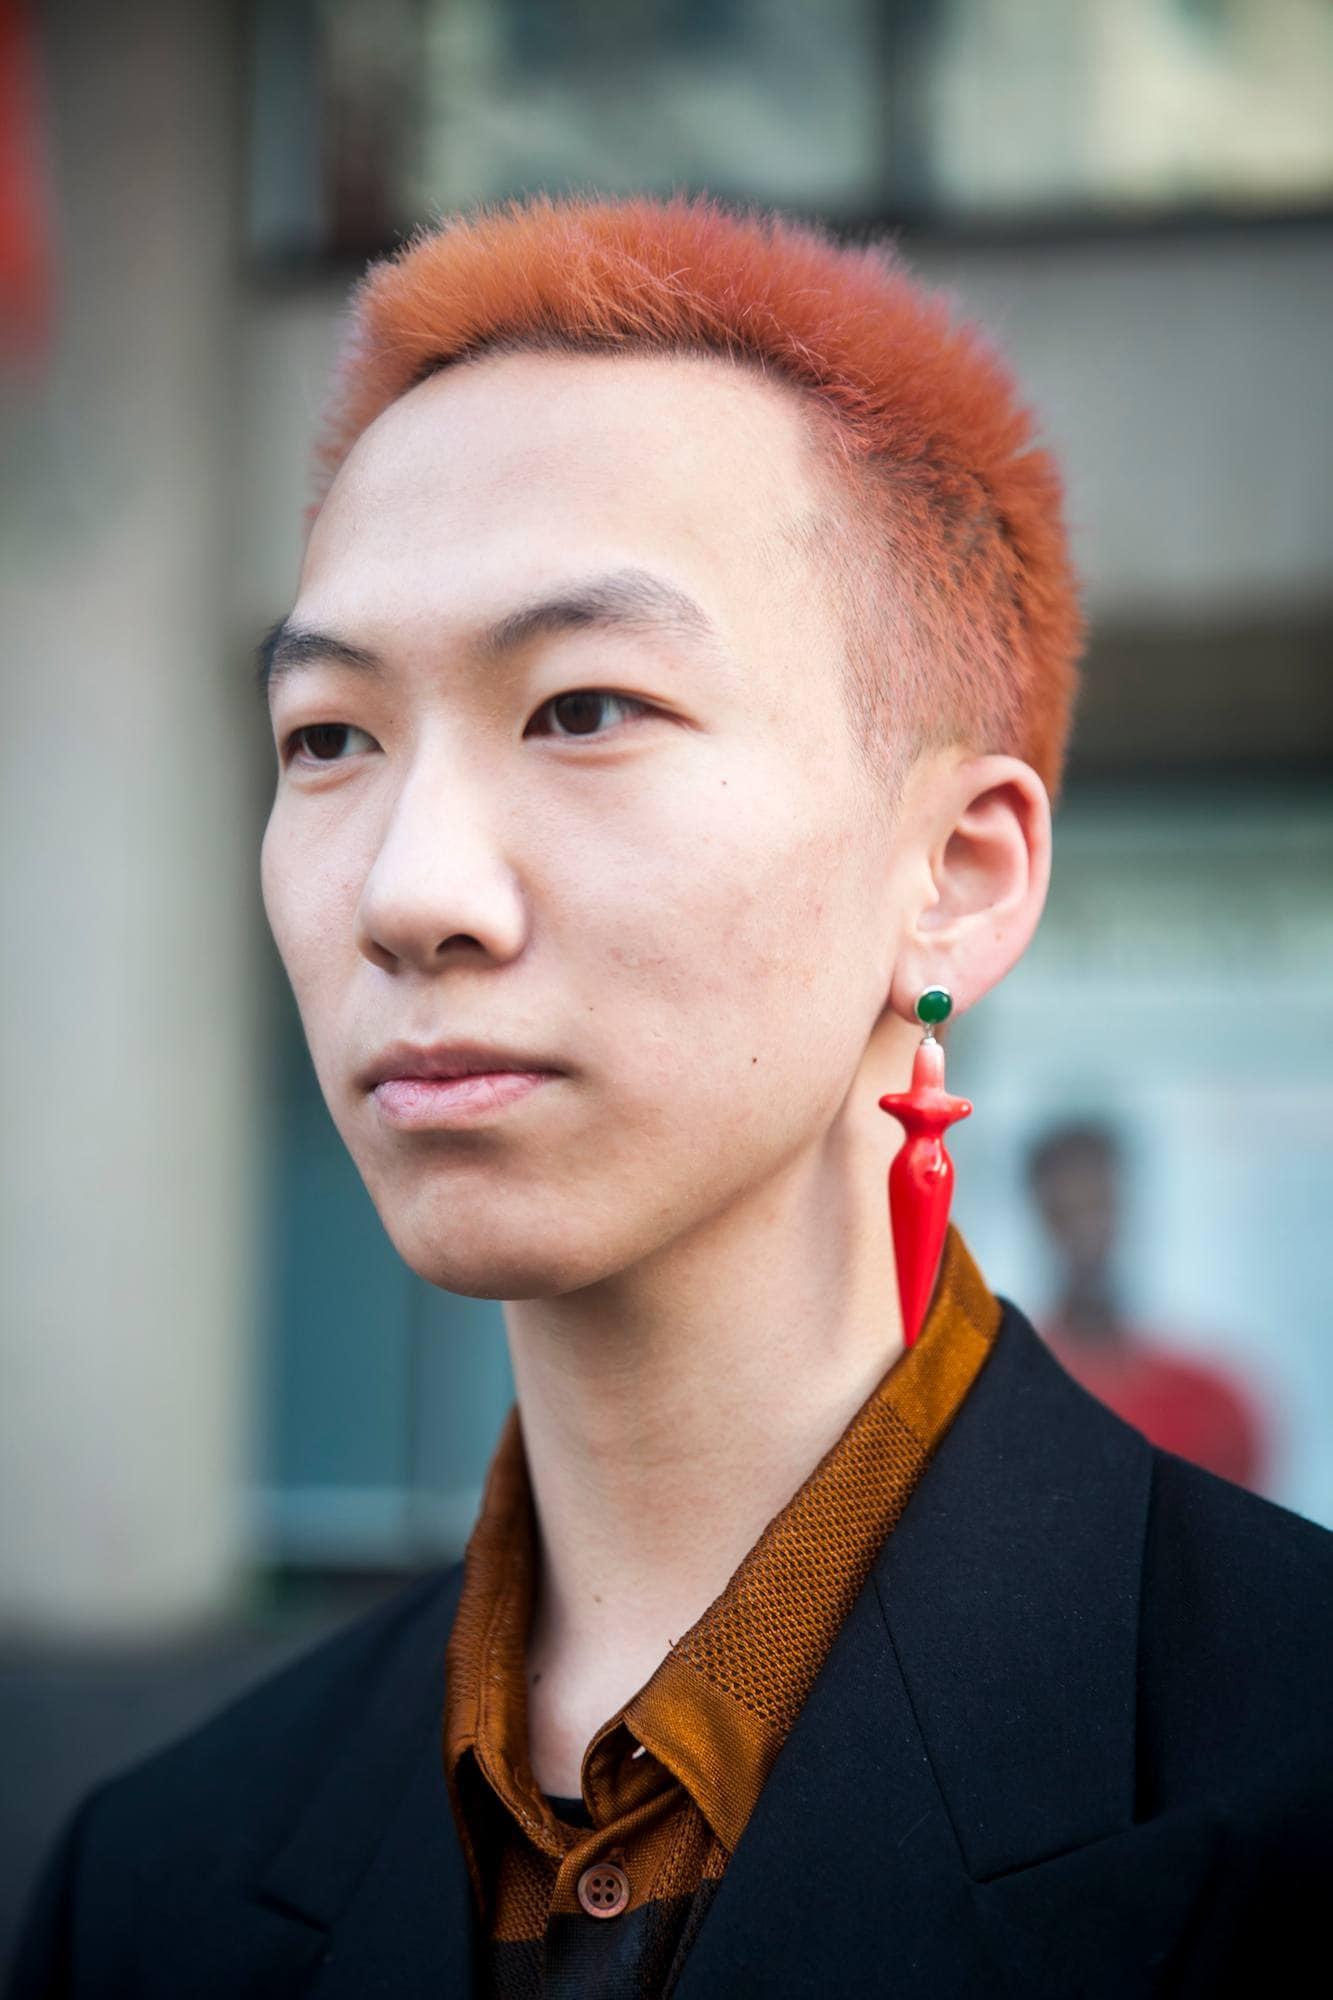 Gaya rambut pria cepak diwarnai